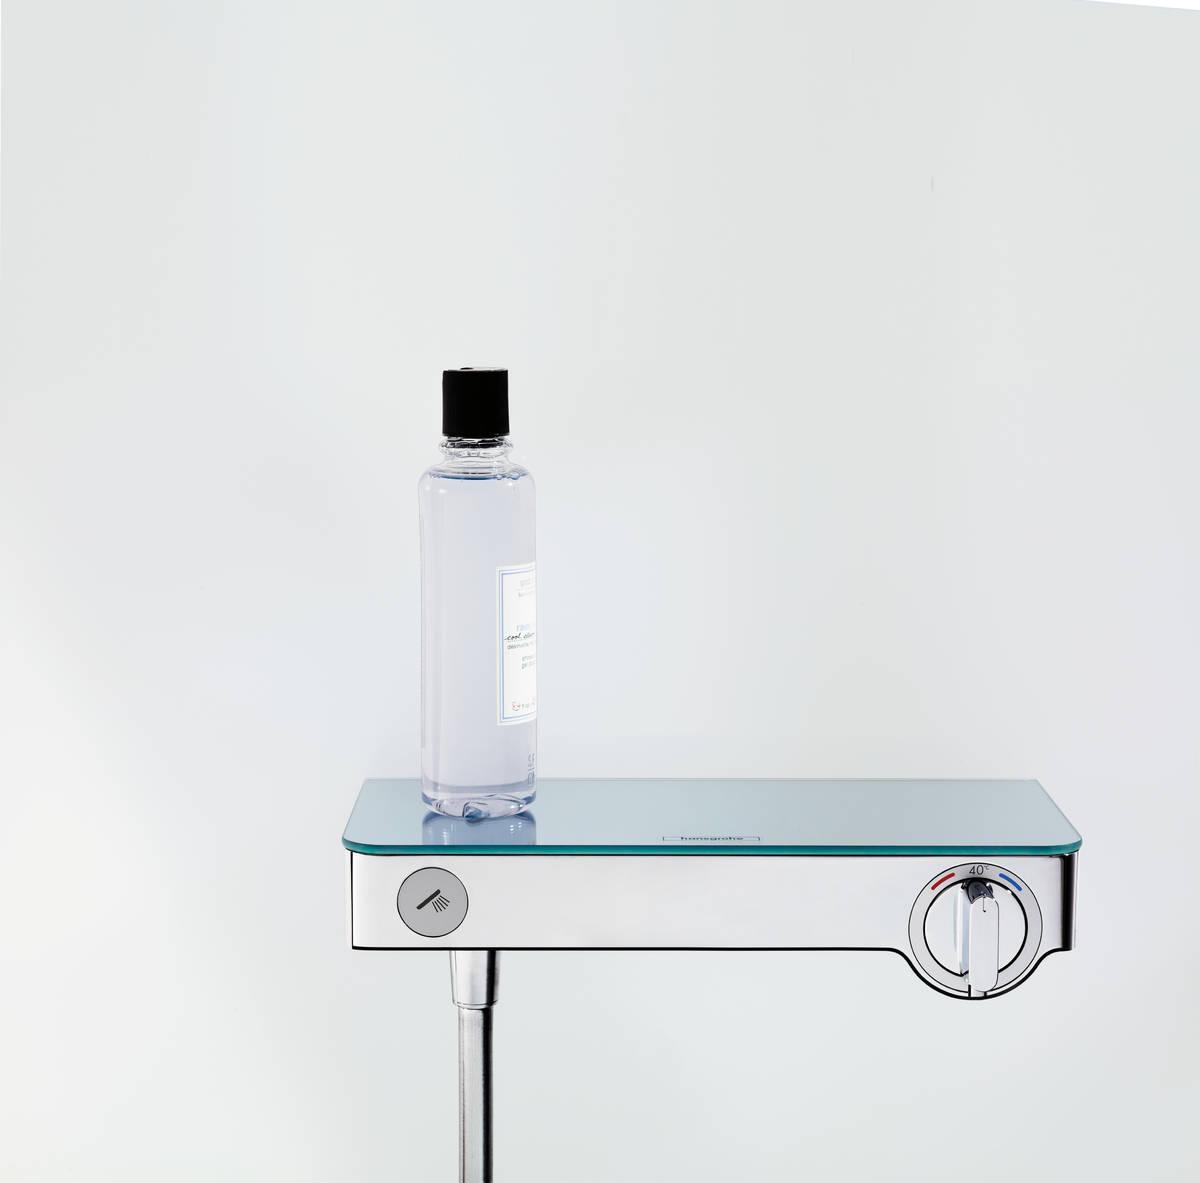 showertablet select brausearmaturen zweigriff 1. Black Bedroom Furniture Sets. Home Design Ideas